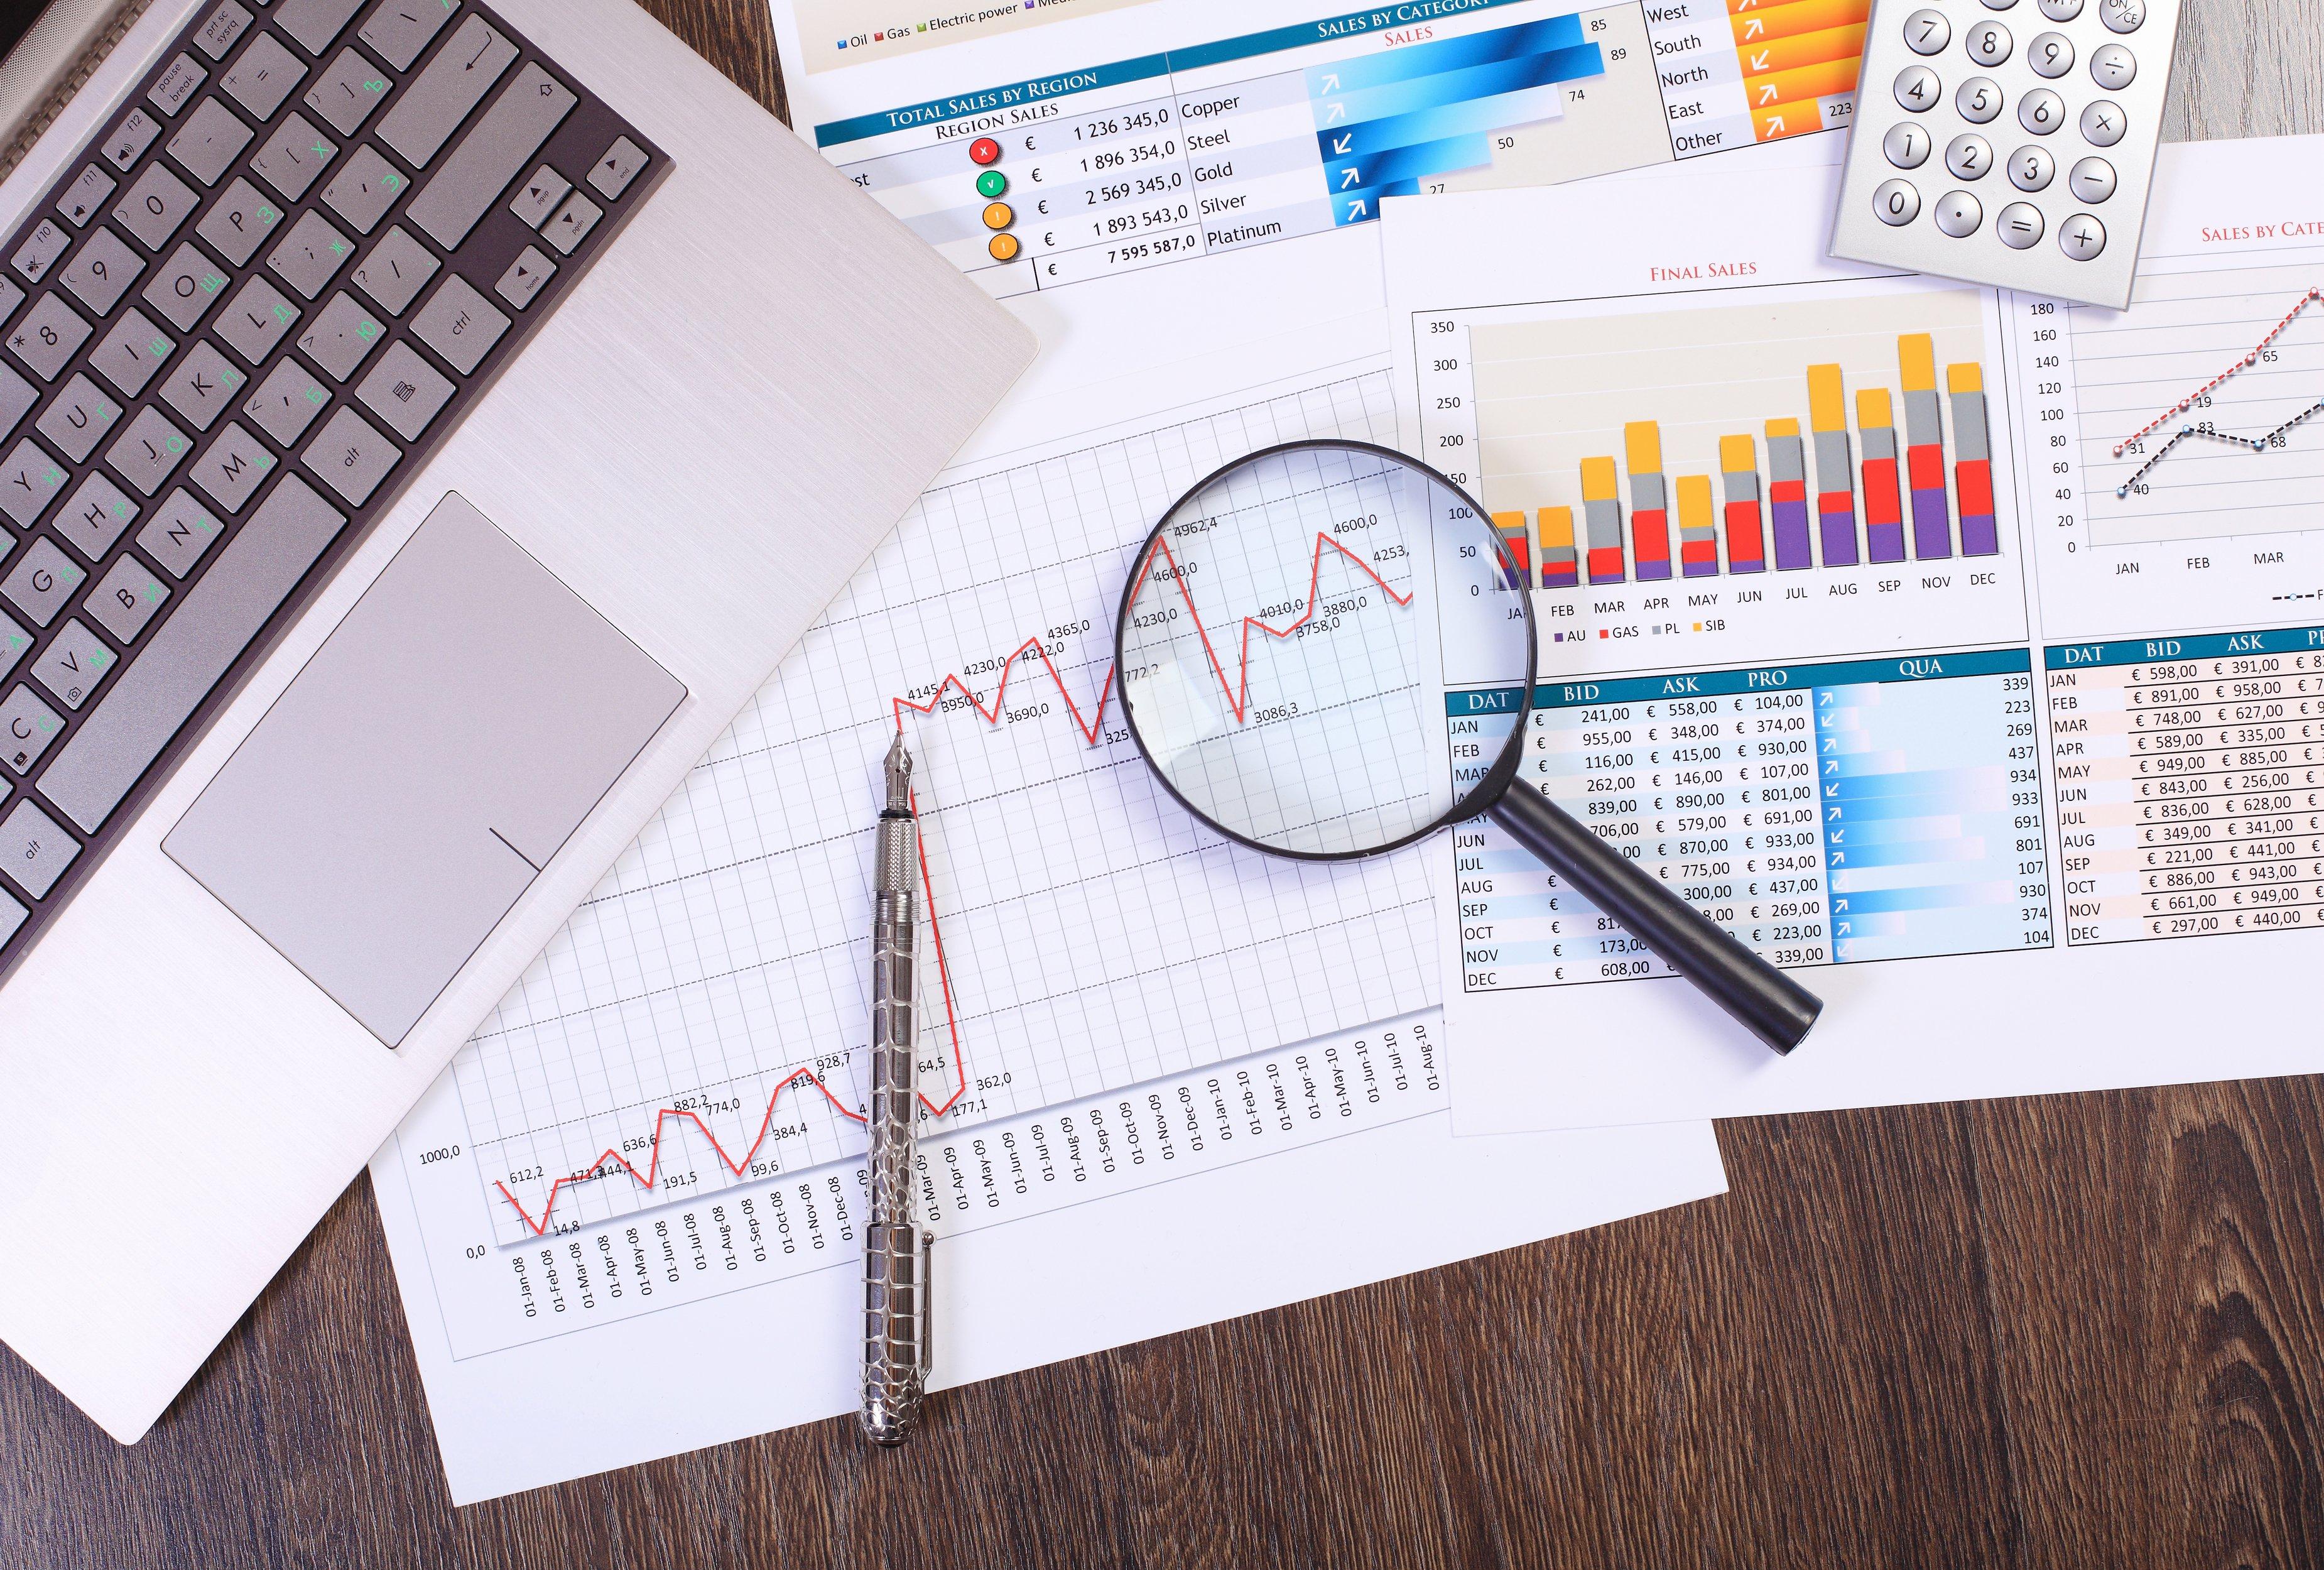 بازار سرمایه ، بیت کوین در فرهاد اکسچنج – قسمت بیستم و دوم